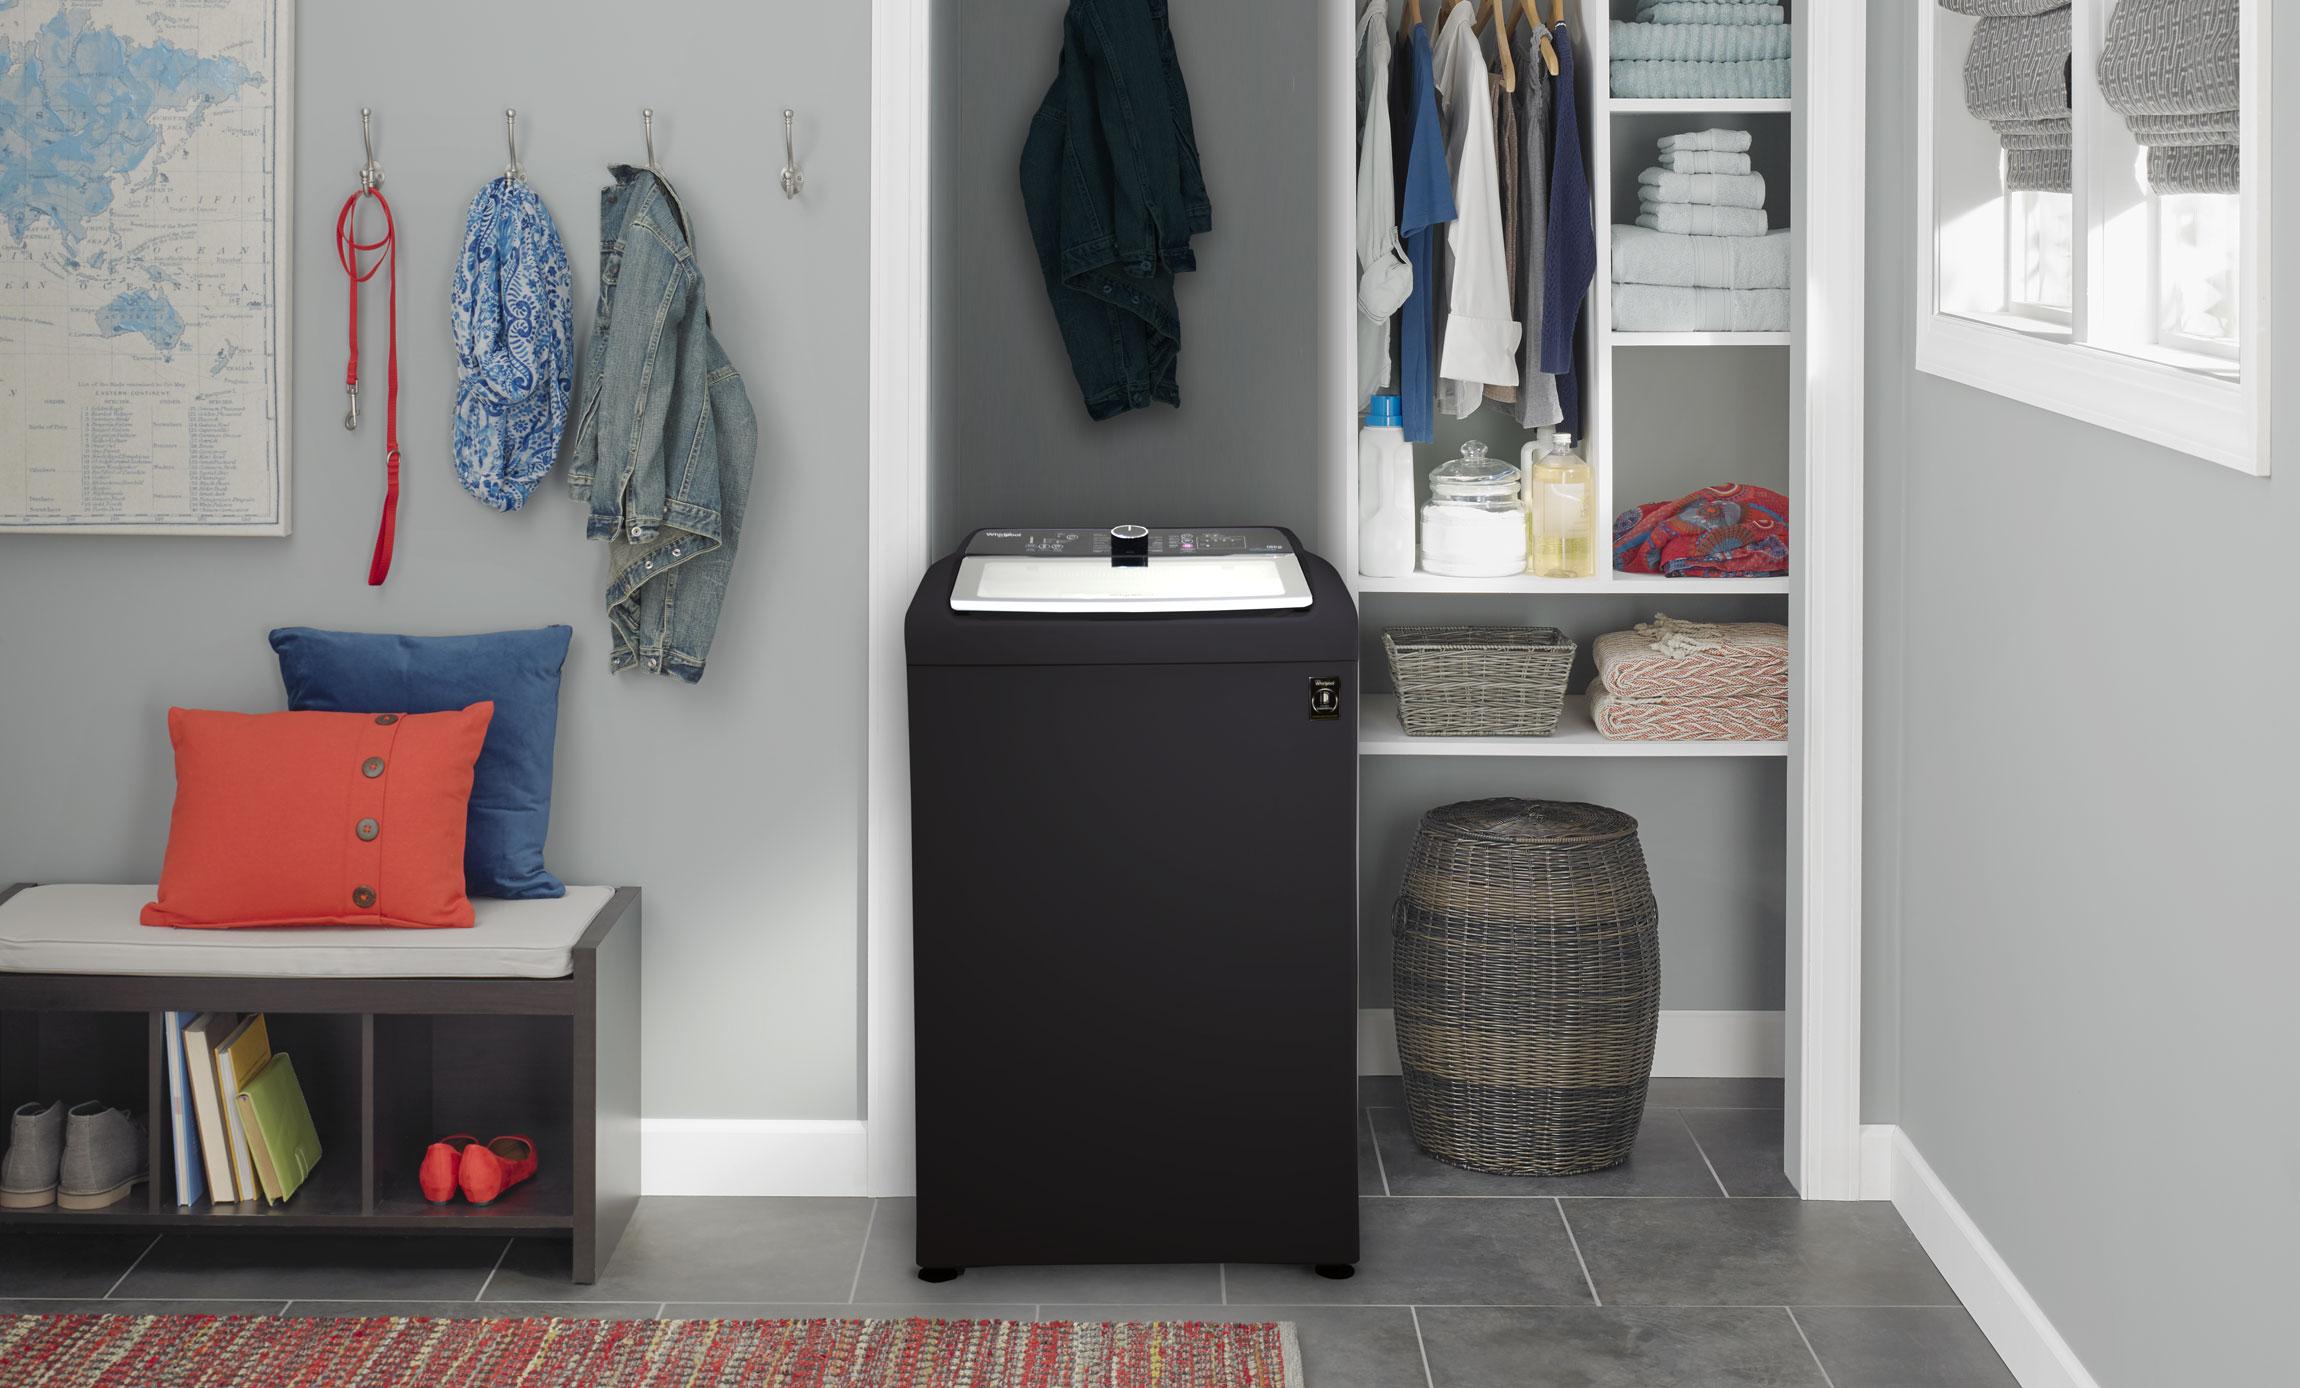 Impresionante presencia en tus espacios de esta lavadora de 18 Kg Negra